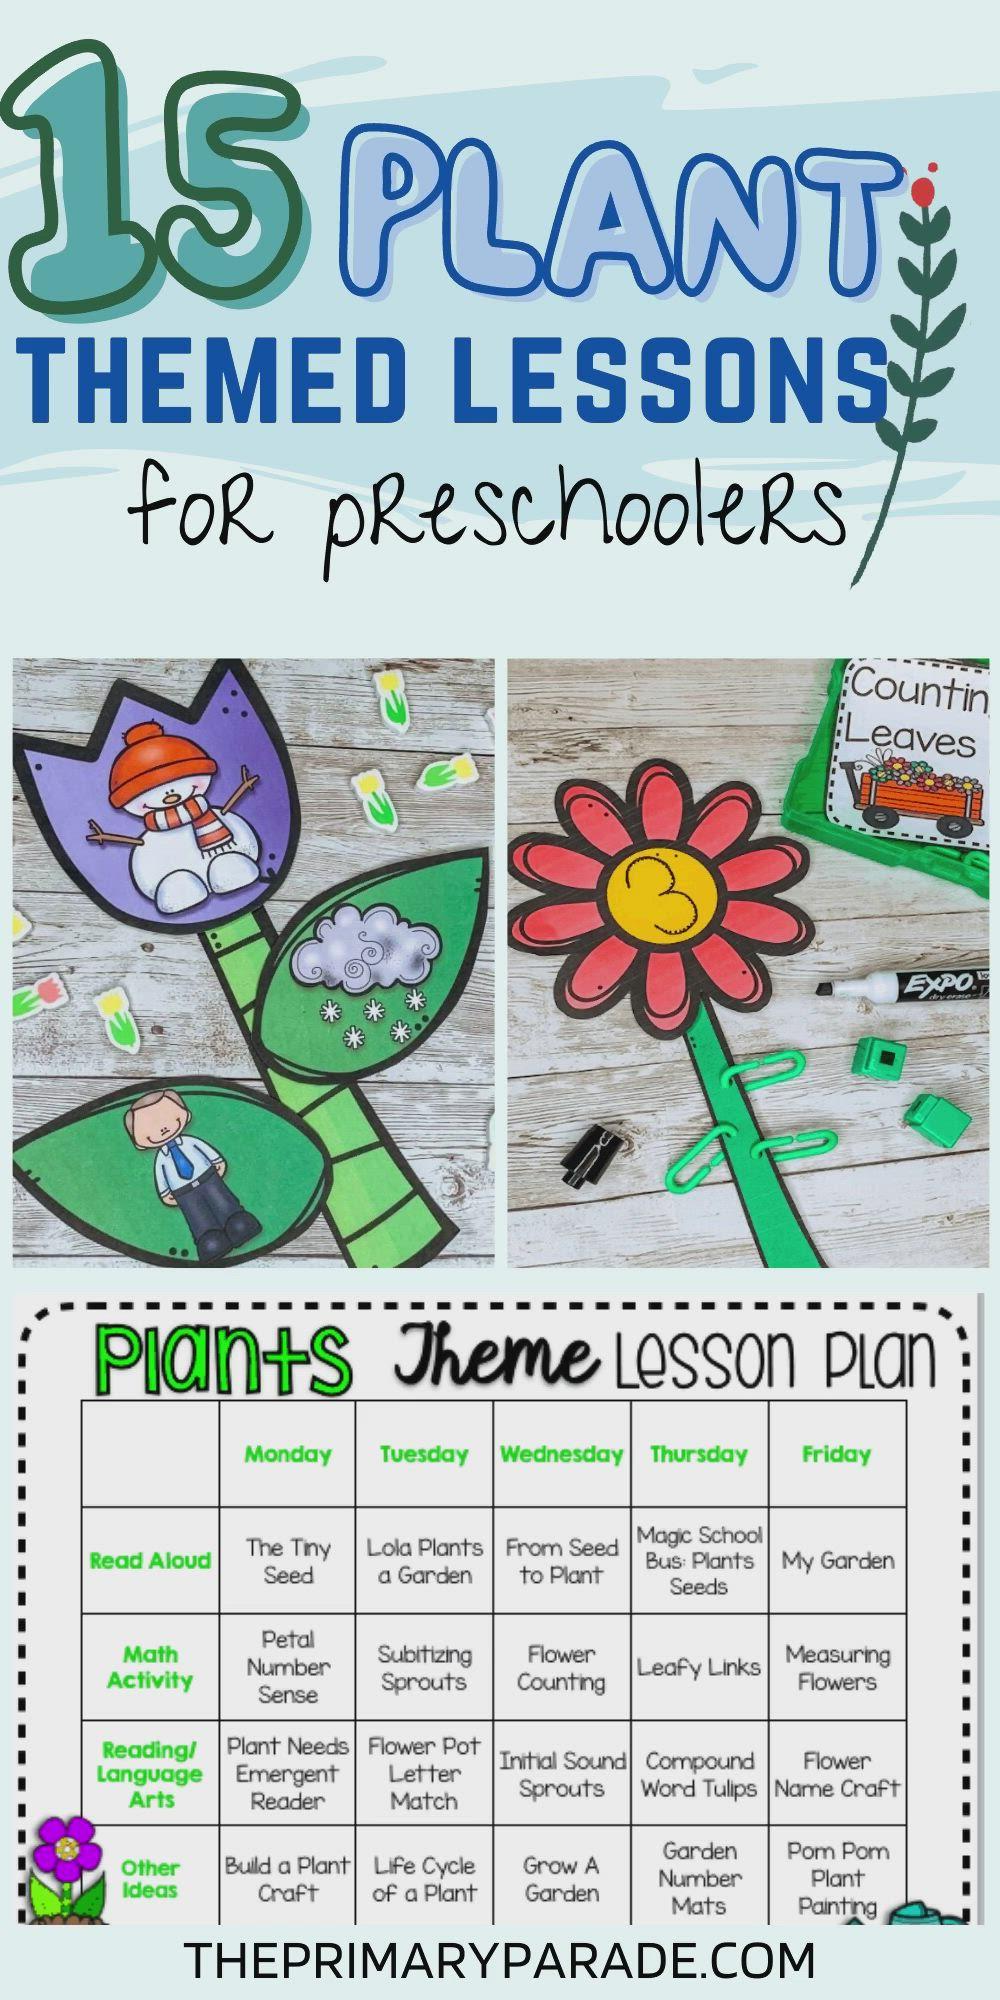 Preschool Plant Activities Video Video In 2021 Plant Activities Math Activities Preschool Plant Lessons [ 2000 x 1000 Pixel ]